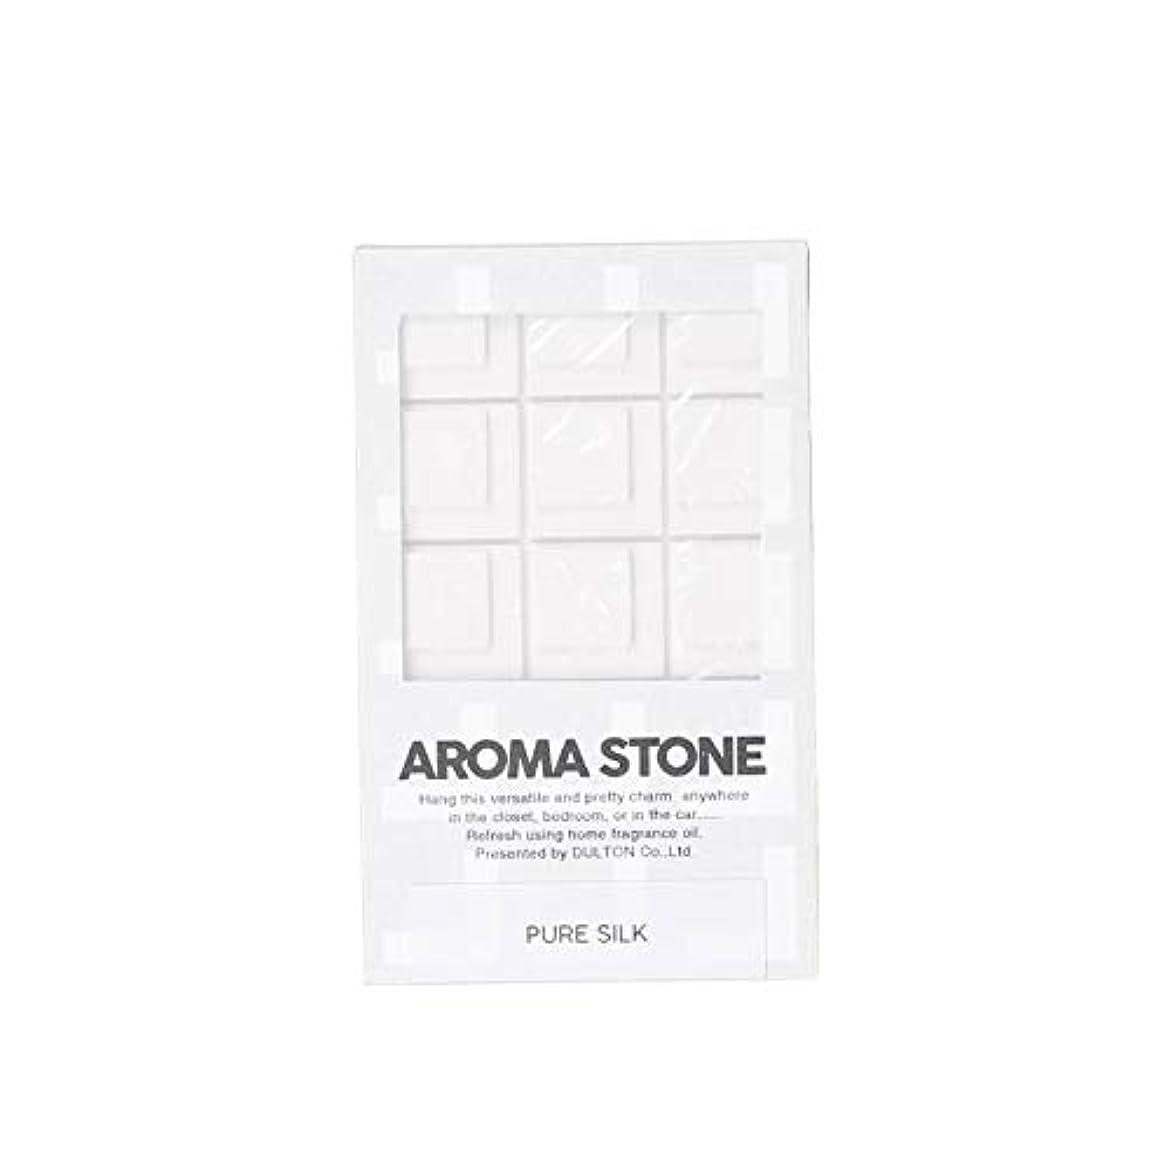 マイク懺悔地味なダルトン Aroma stone アロマストーン G975-1268 Pure silk